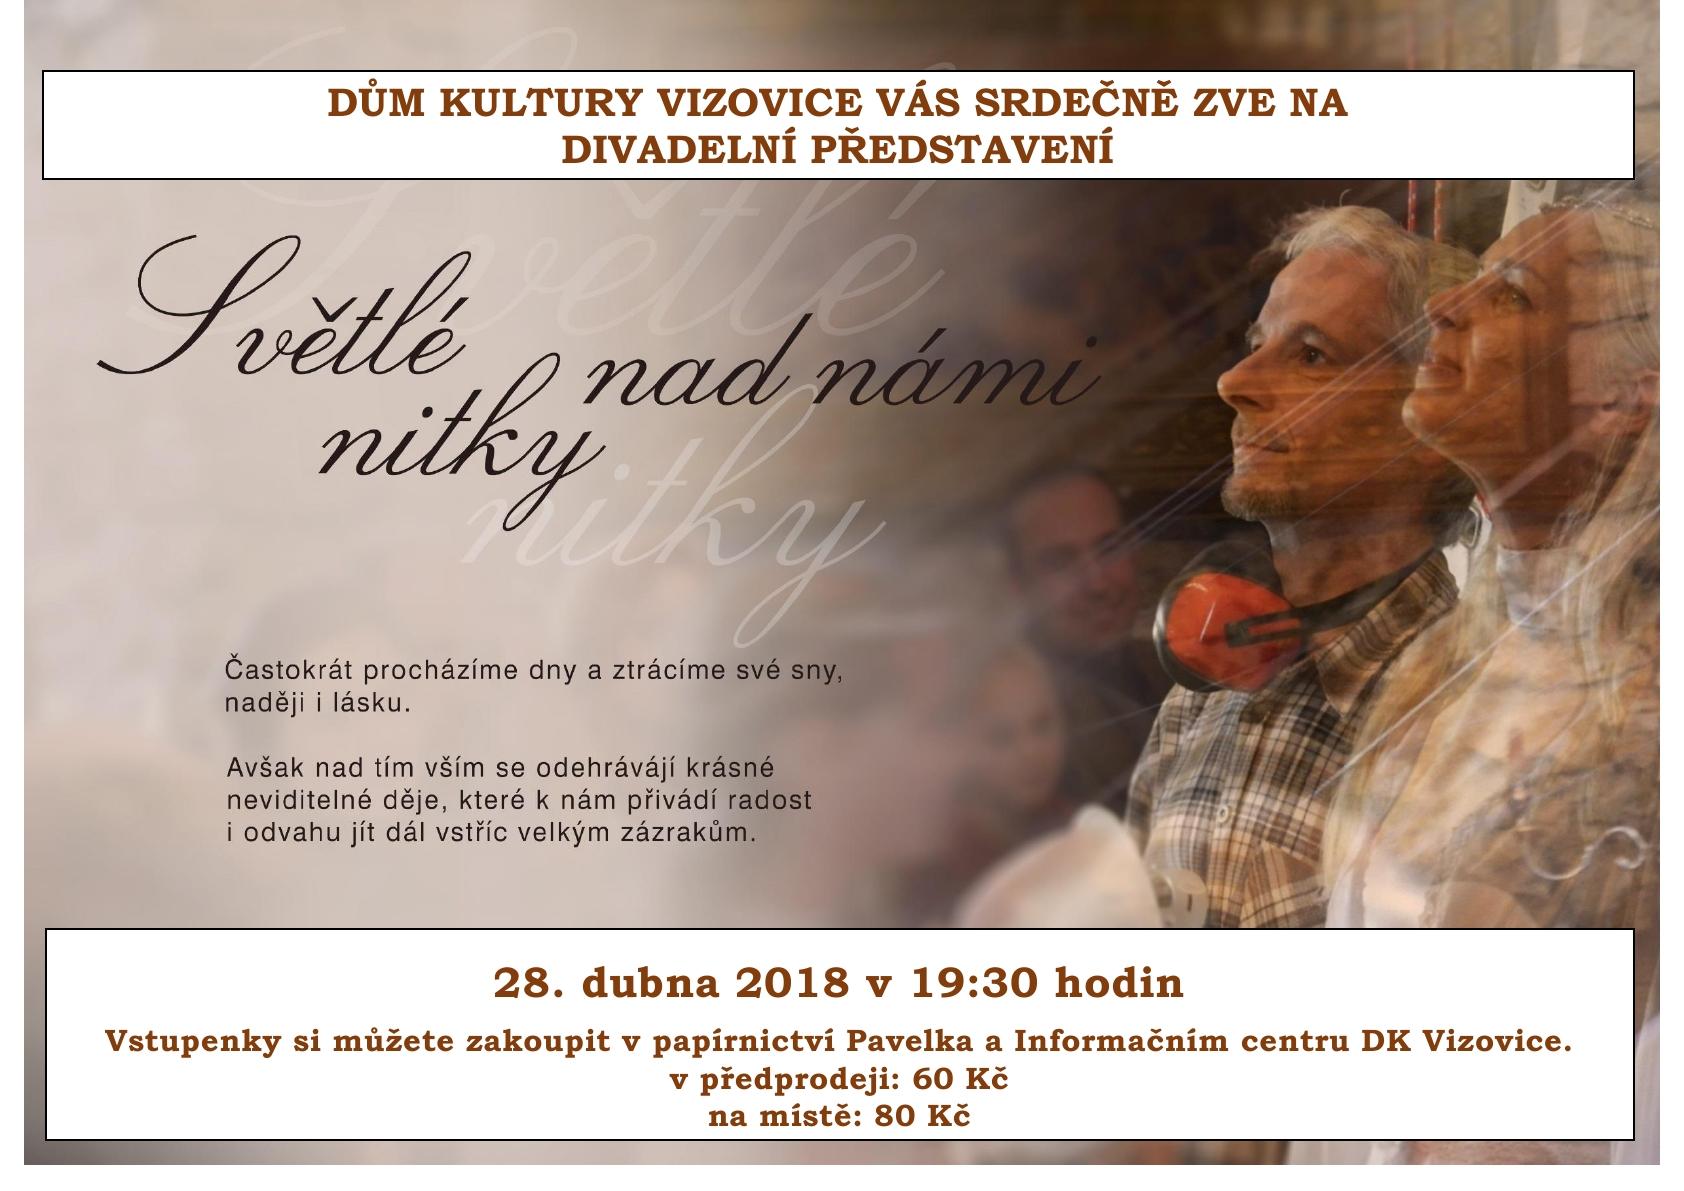 plakat Svetle nitky nad nami (KD Vizovice)